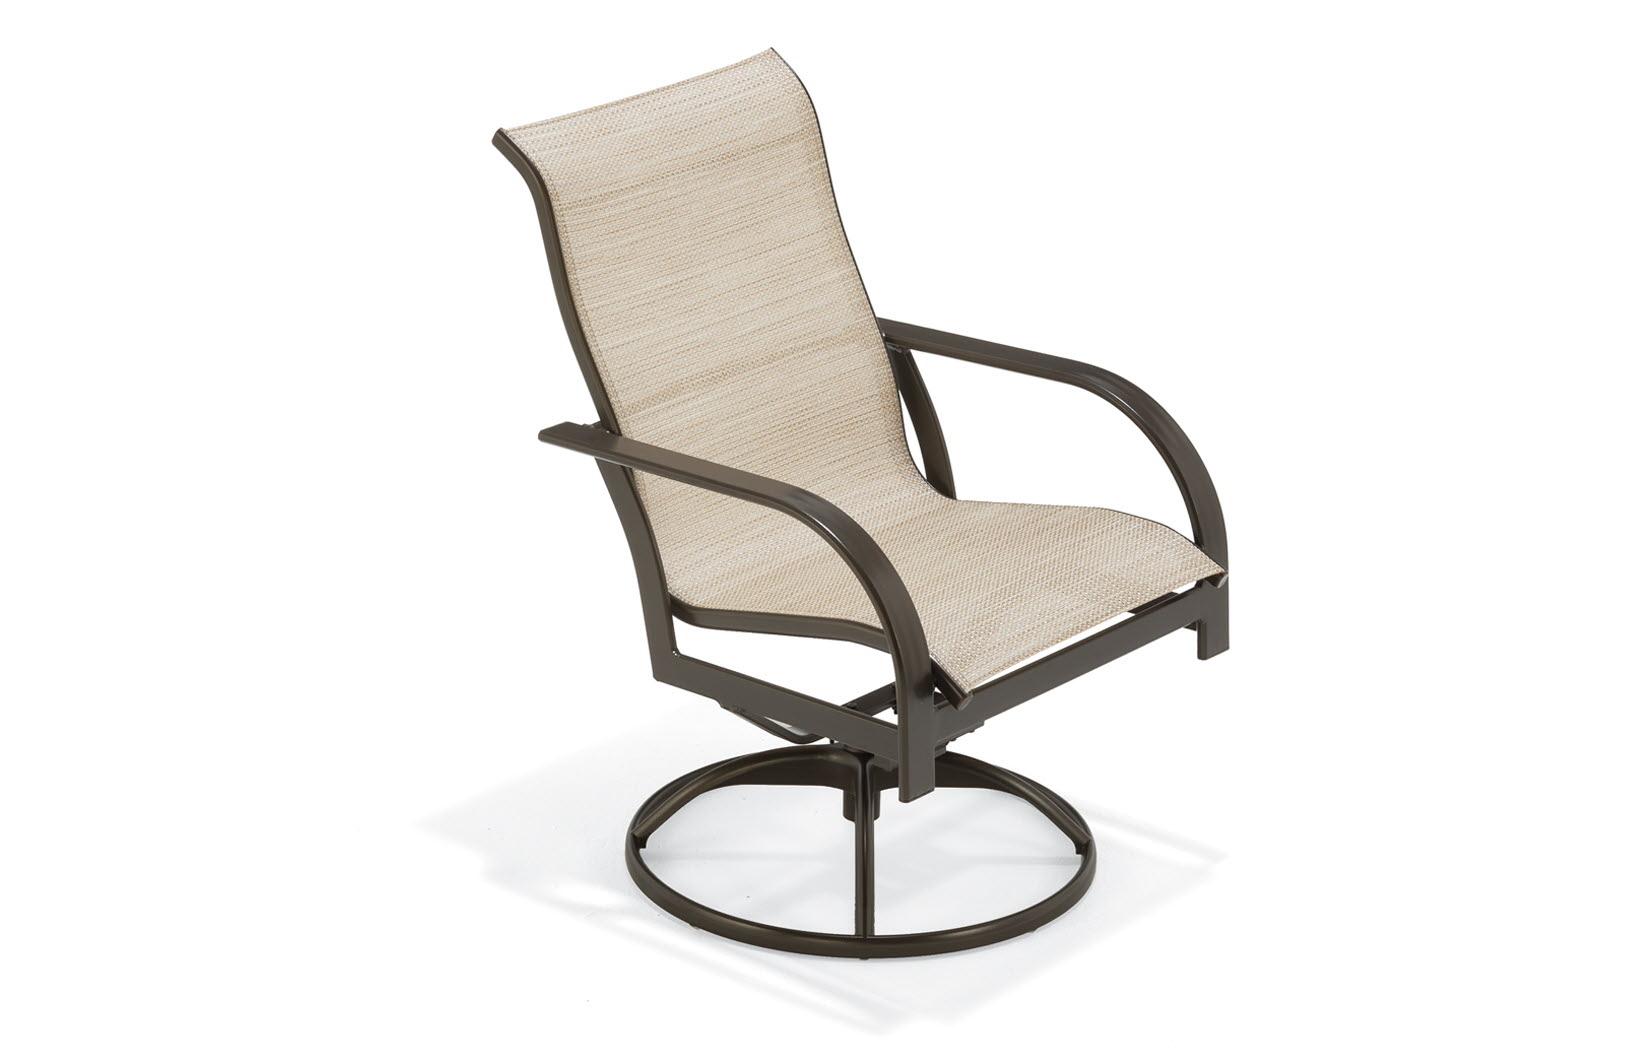 Key West Sling Sling High Back Swivel Tilt Chair | Outdoor Inside Sling High Back Swivel Chairs (View 20 of 25)